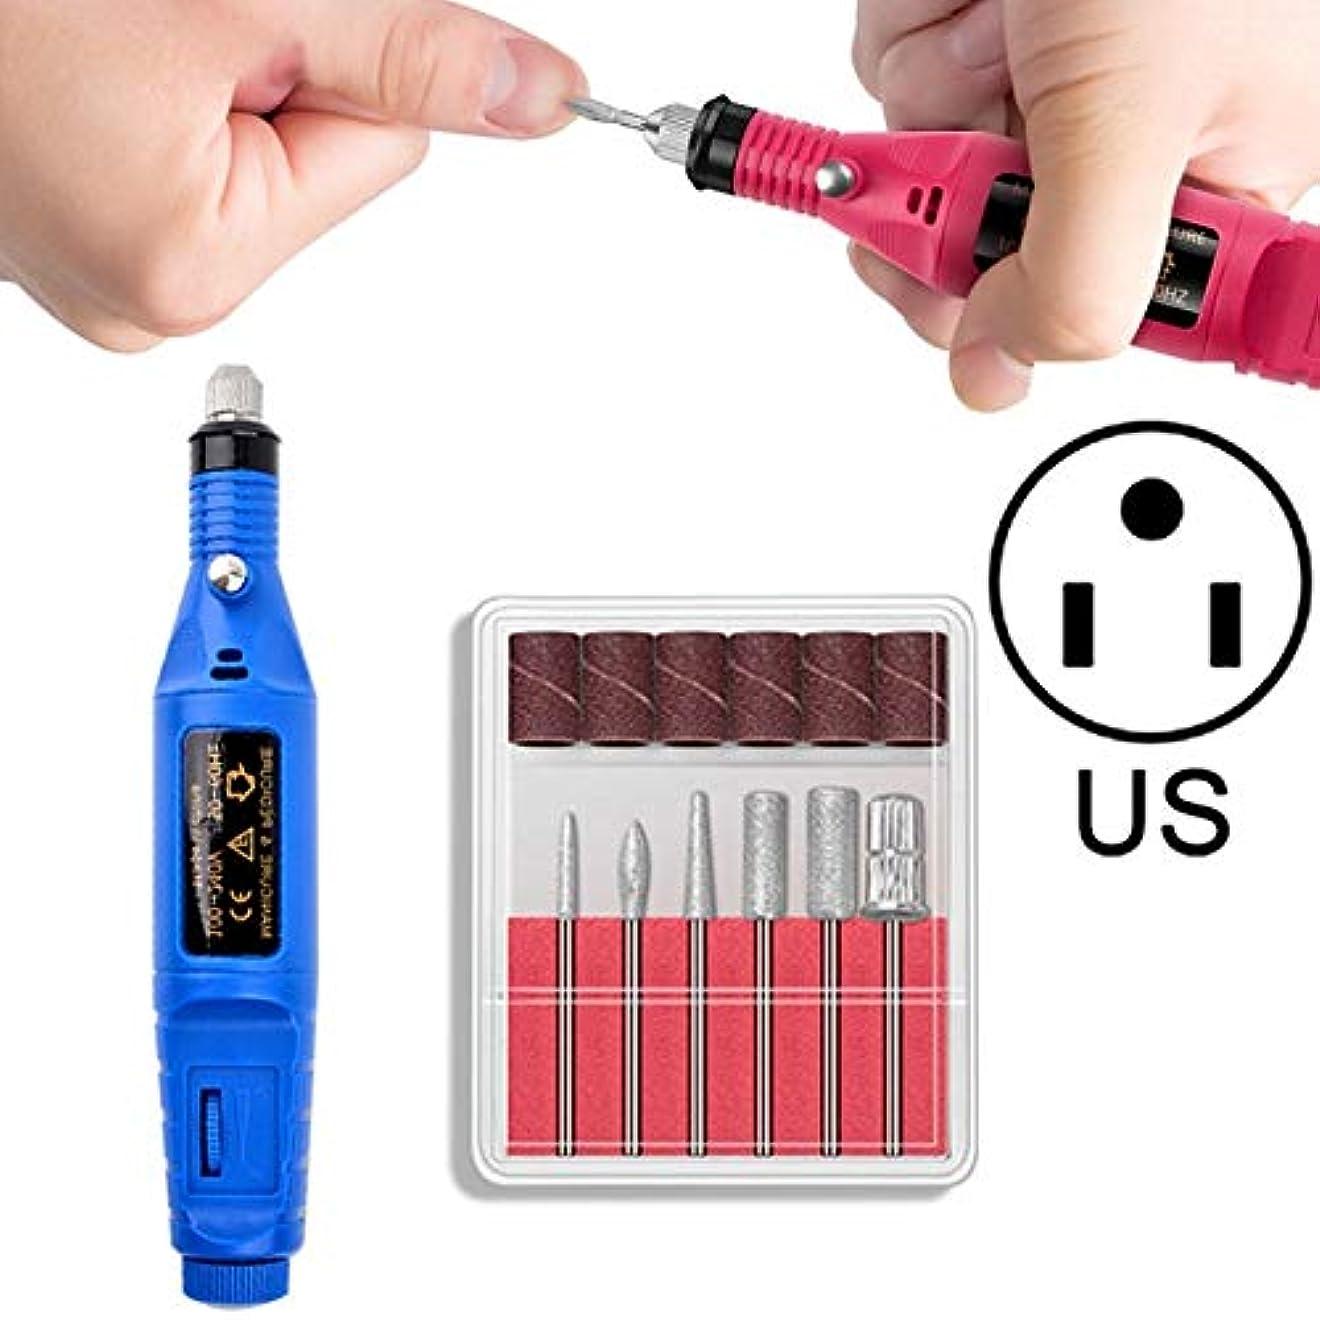 詳細に思われる医学Yan 電動ネイルキットネイルのヒントマニキュア機電動ネイルアートペン(EUブラック) (色 : US Blue)